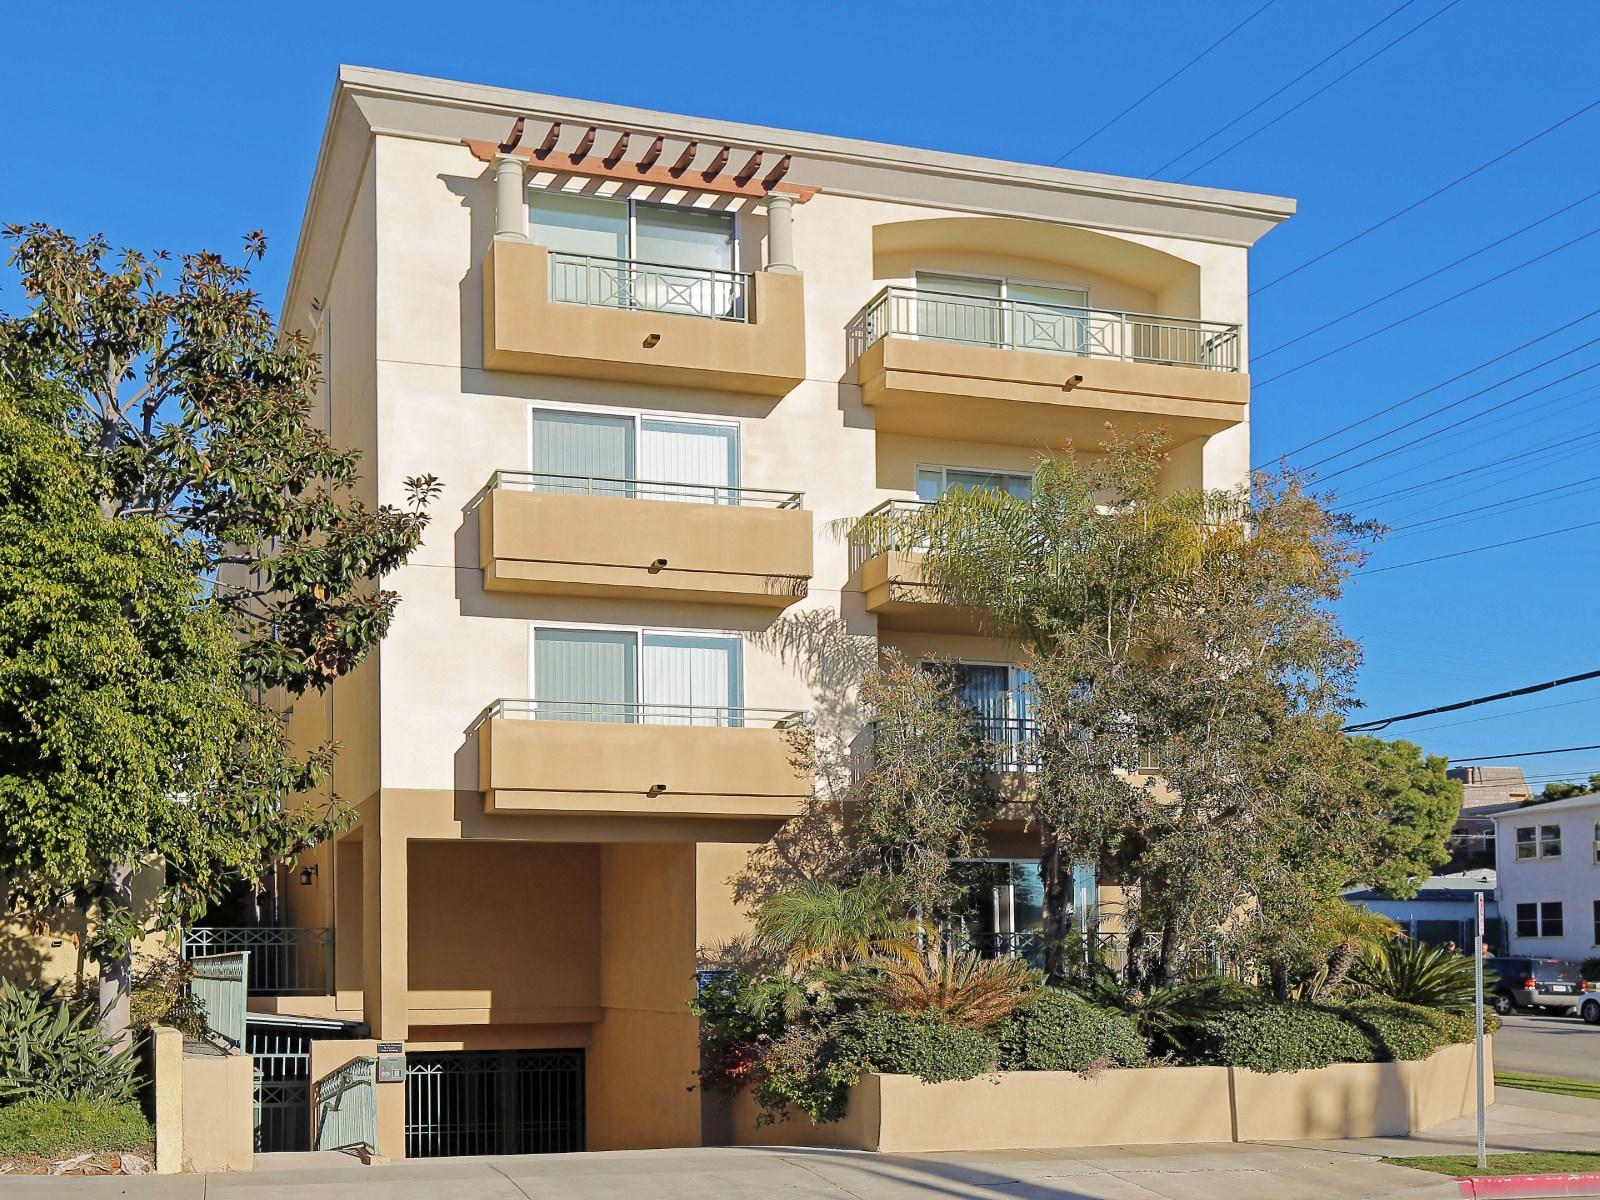 West Los Angeles - 1BD1BA - 465,000.jpg